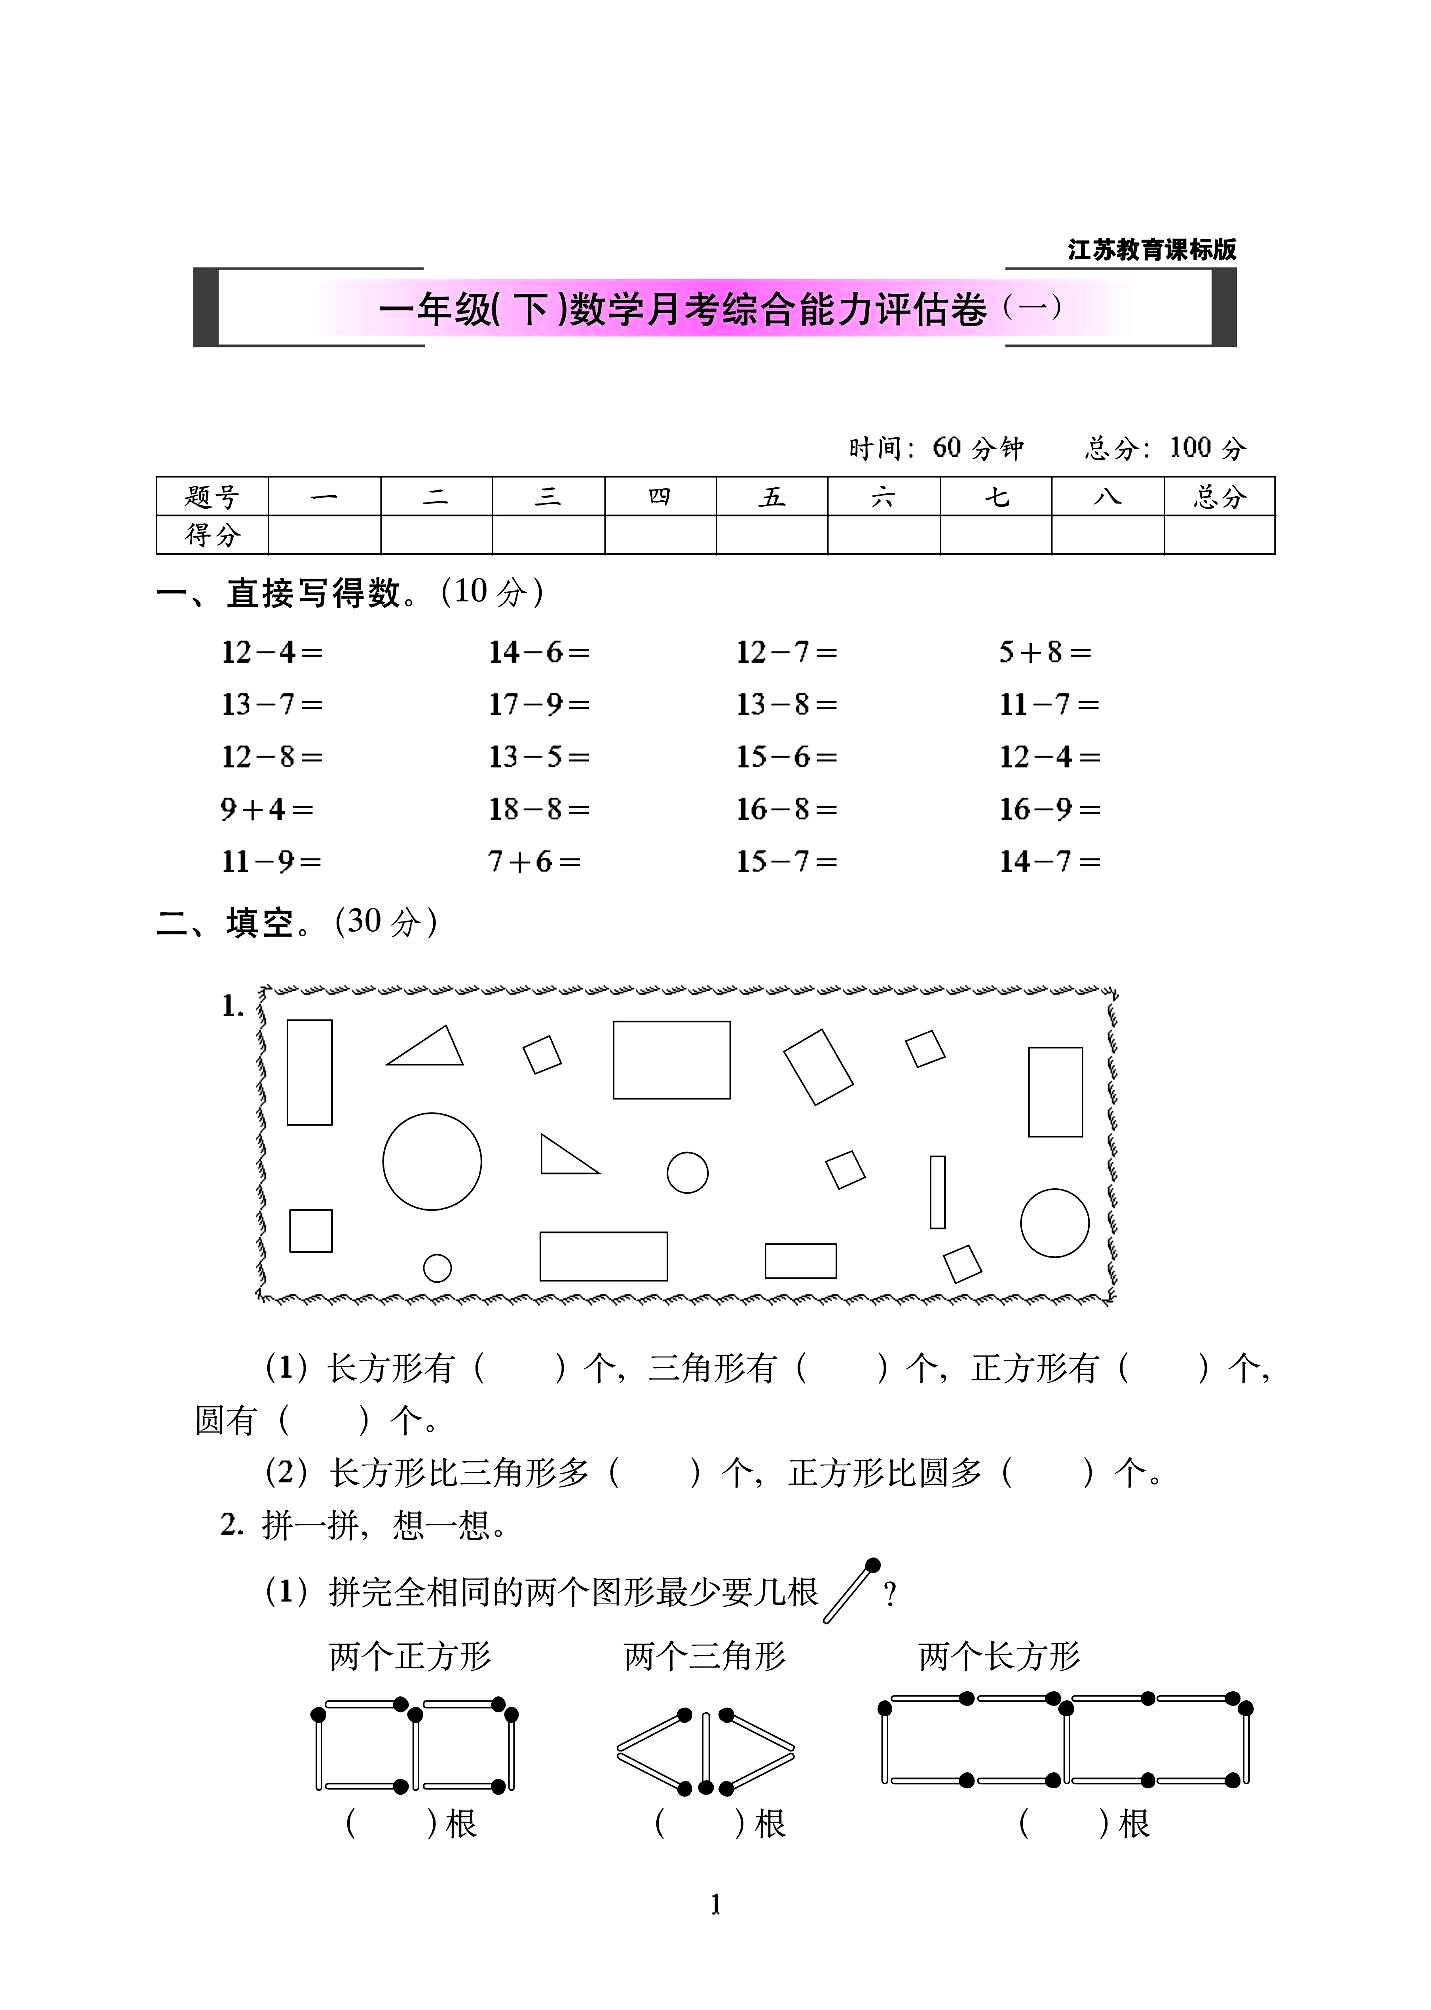 衡阳市2019苏教版数学一年级下册月考期中期末试卷(共6套)附详细答案